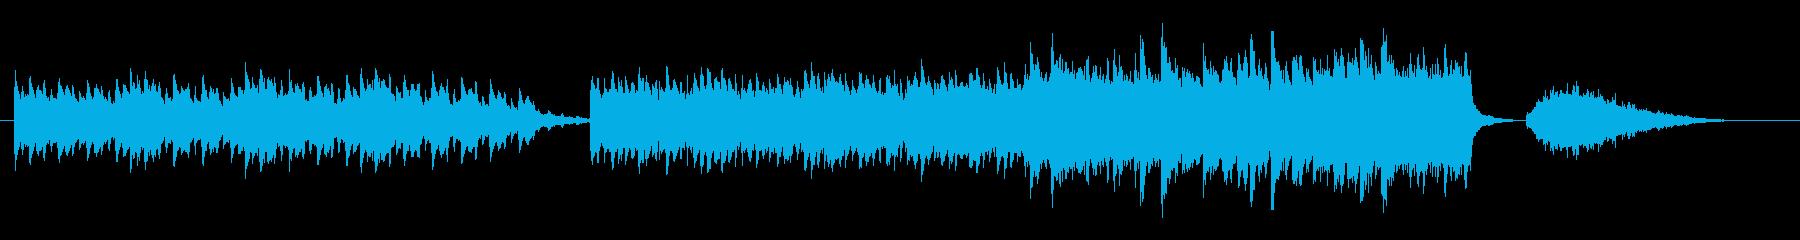 オープニングSEに使える短い曲の再生済みの波形